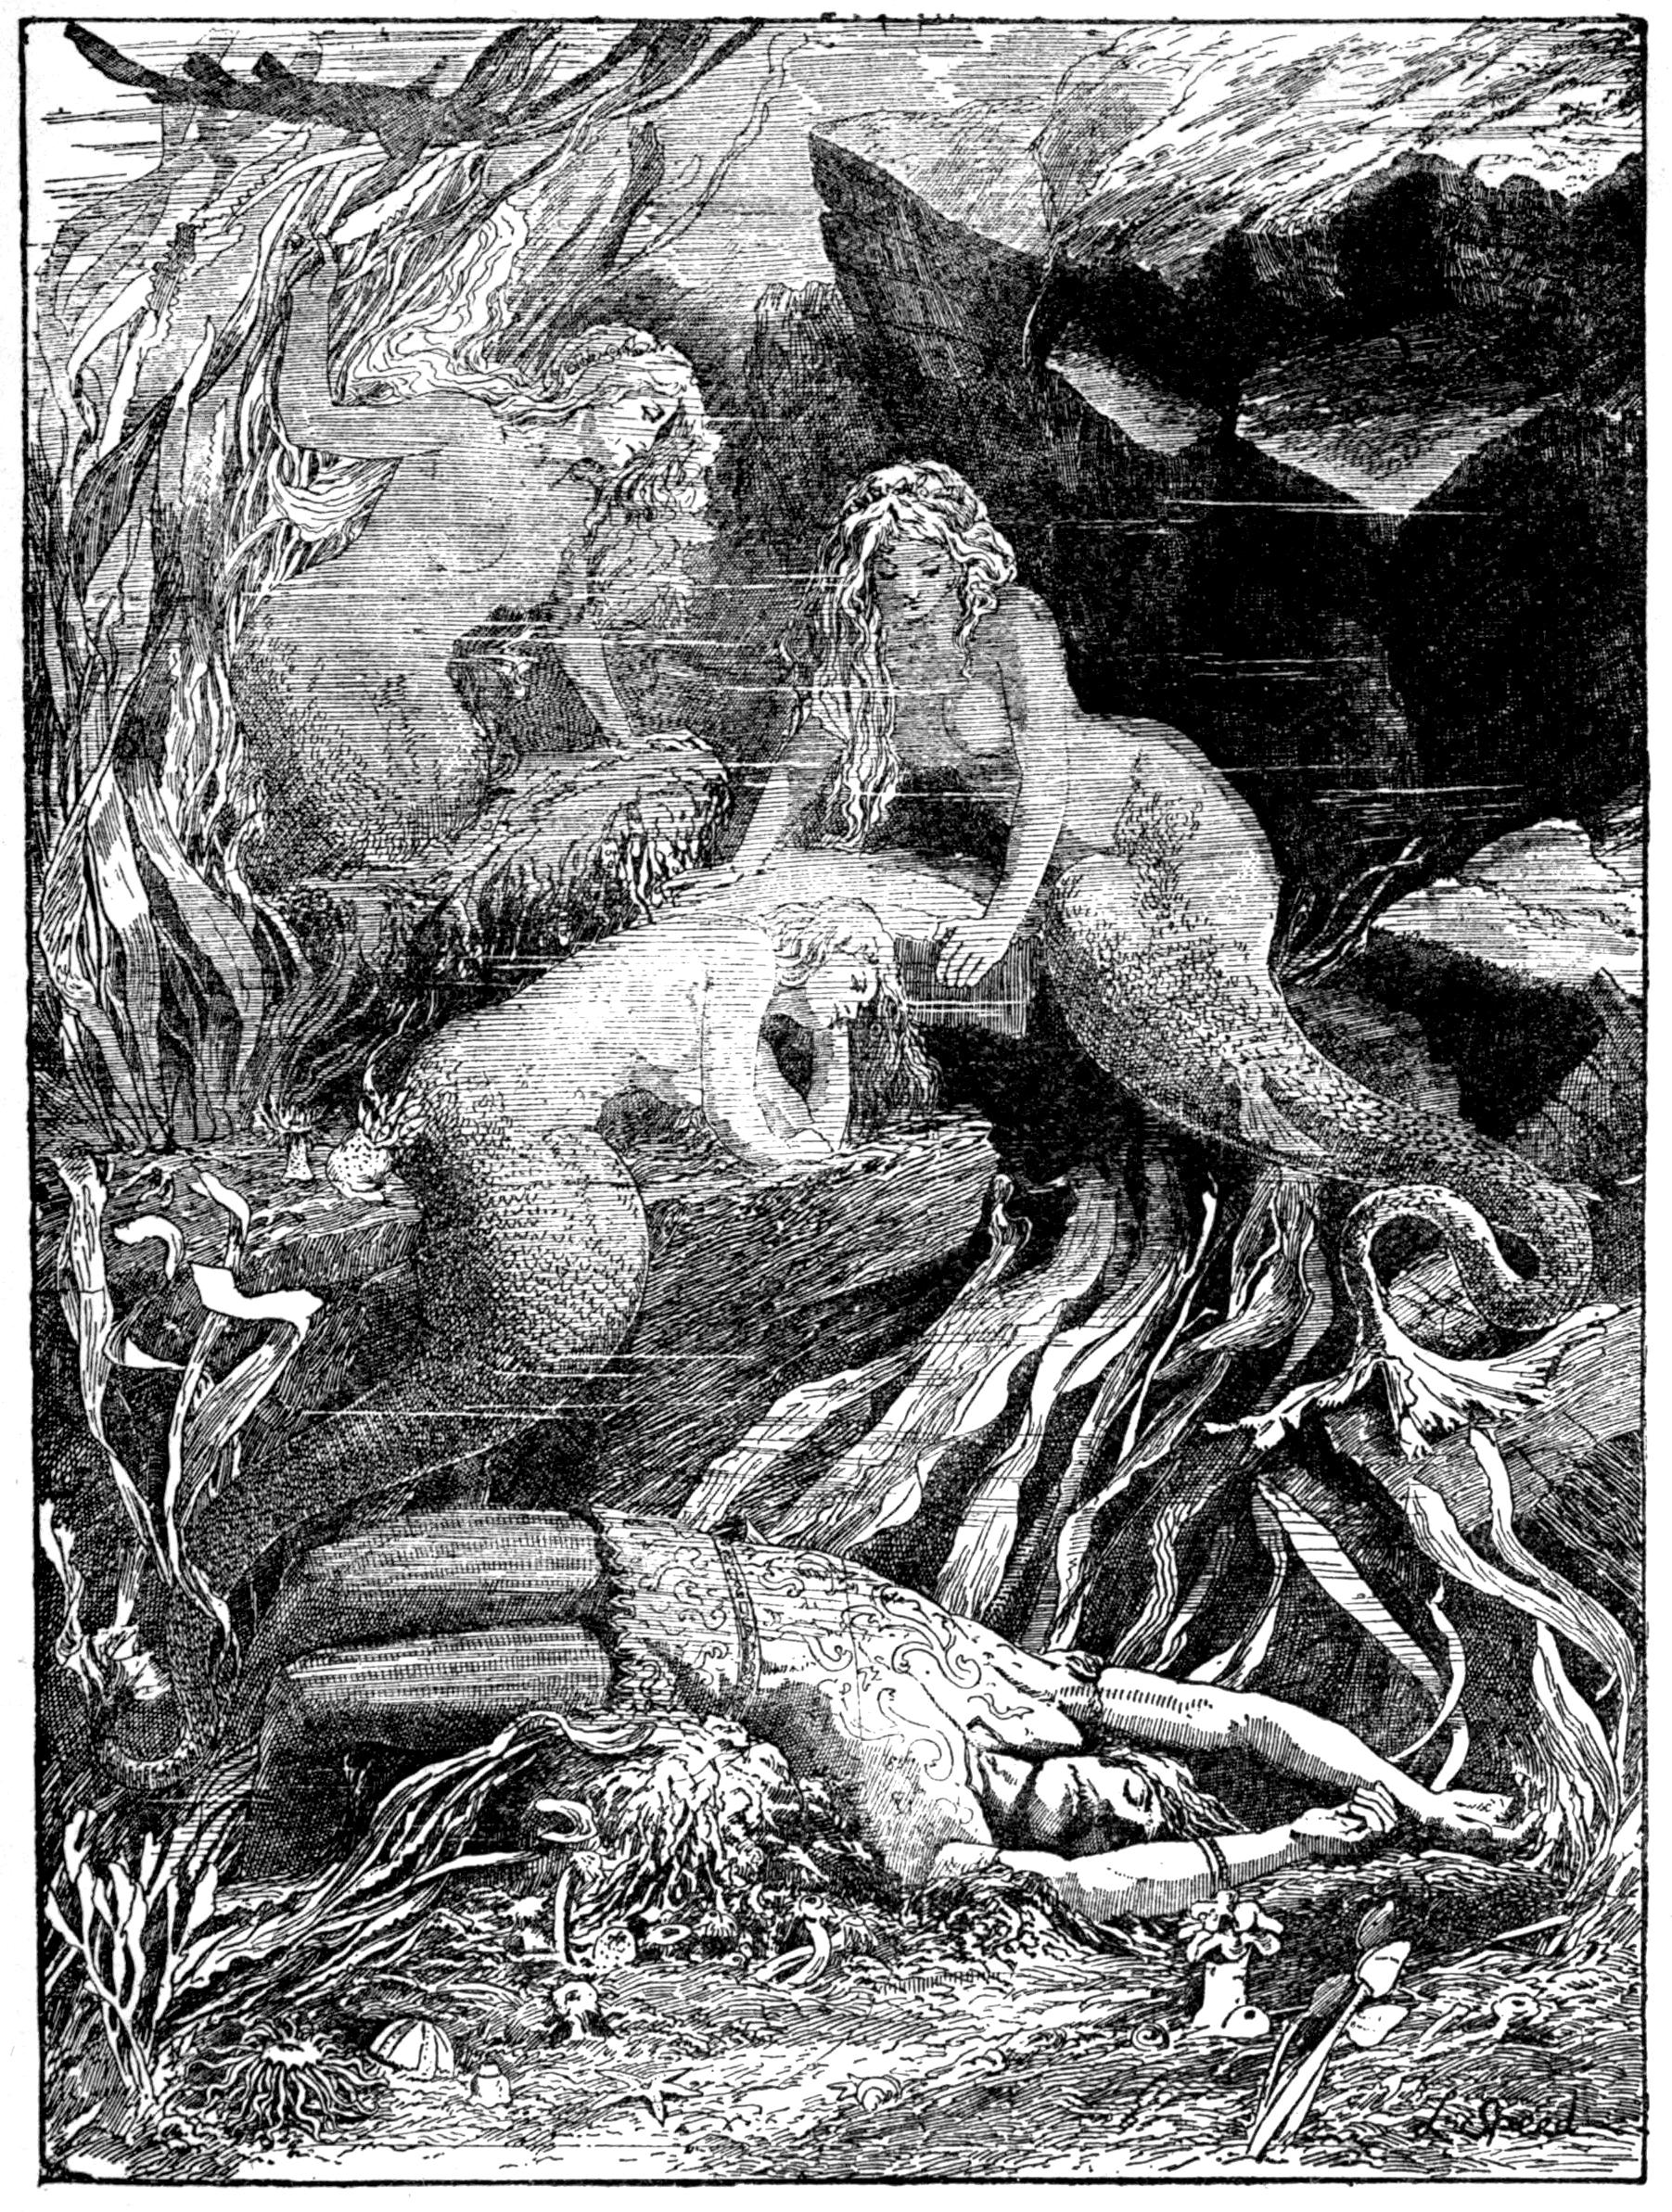 Imagem em preto e branco de três sereias sobre rochas e, no chão, um homem caído.